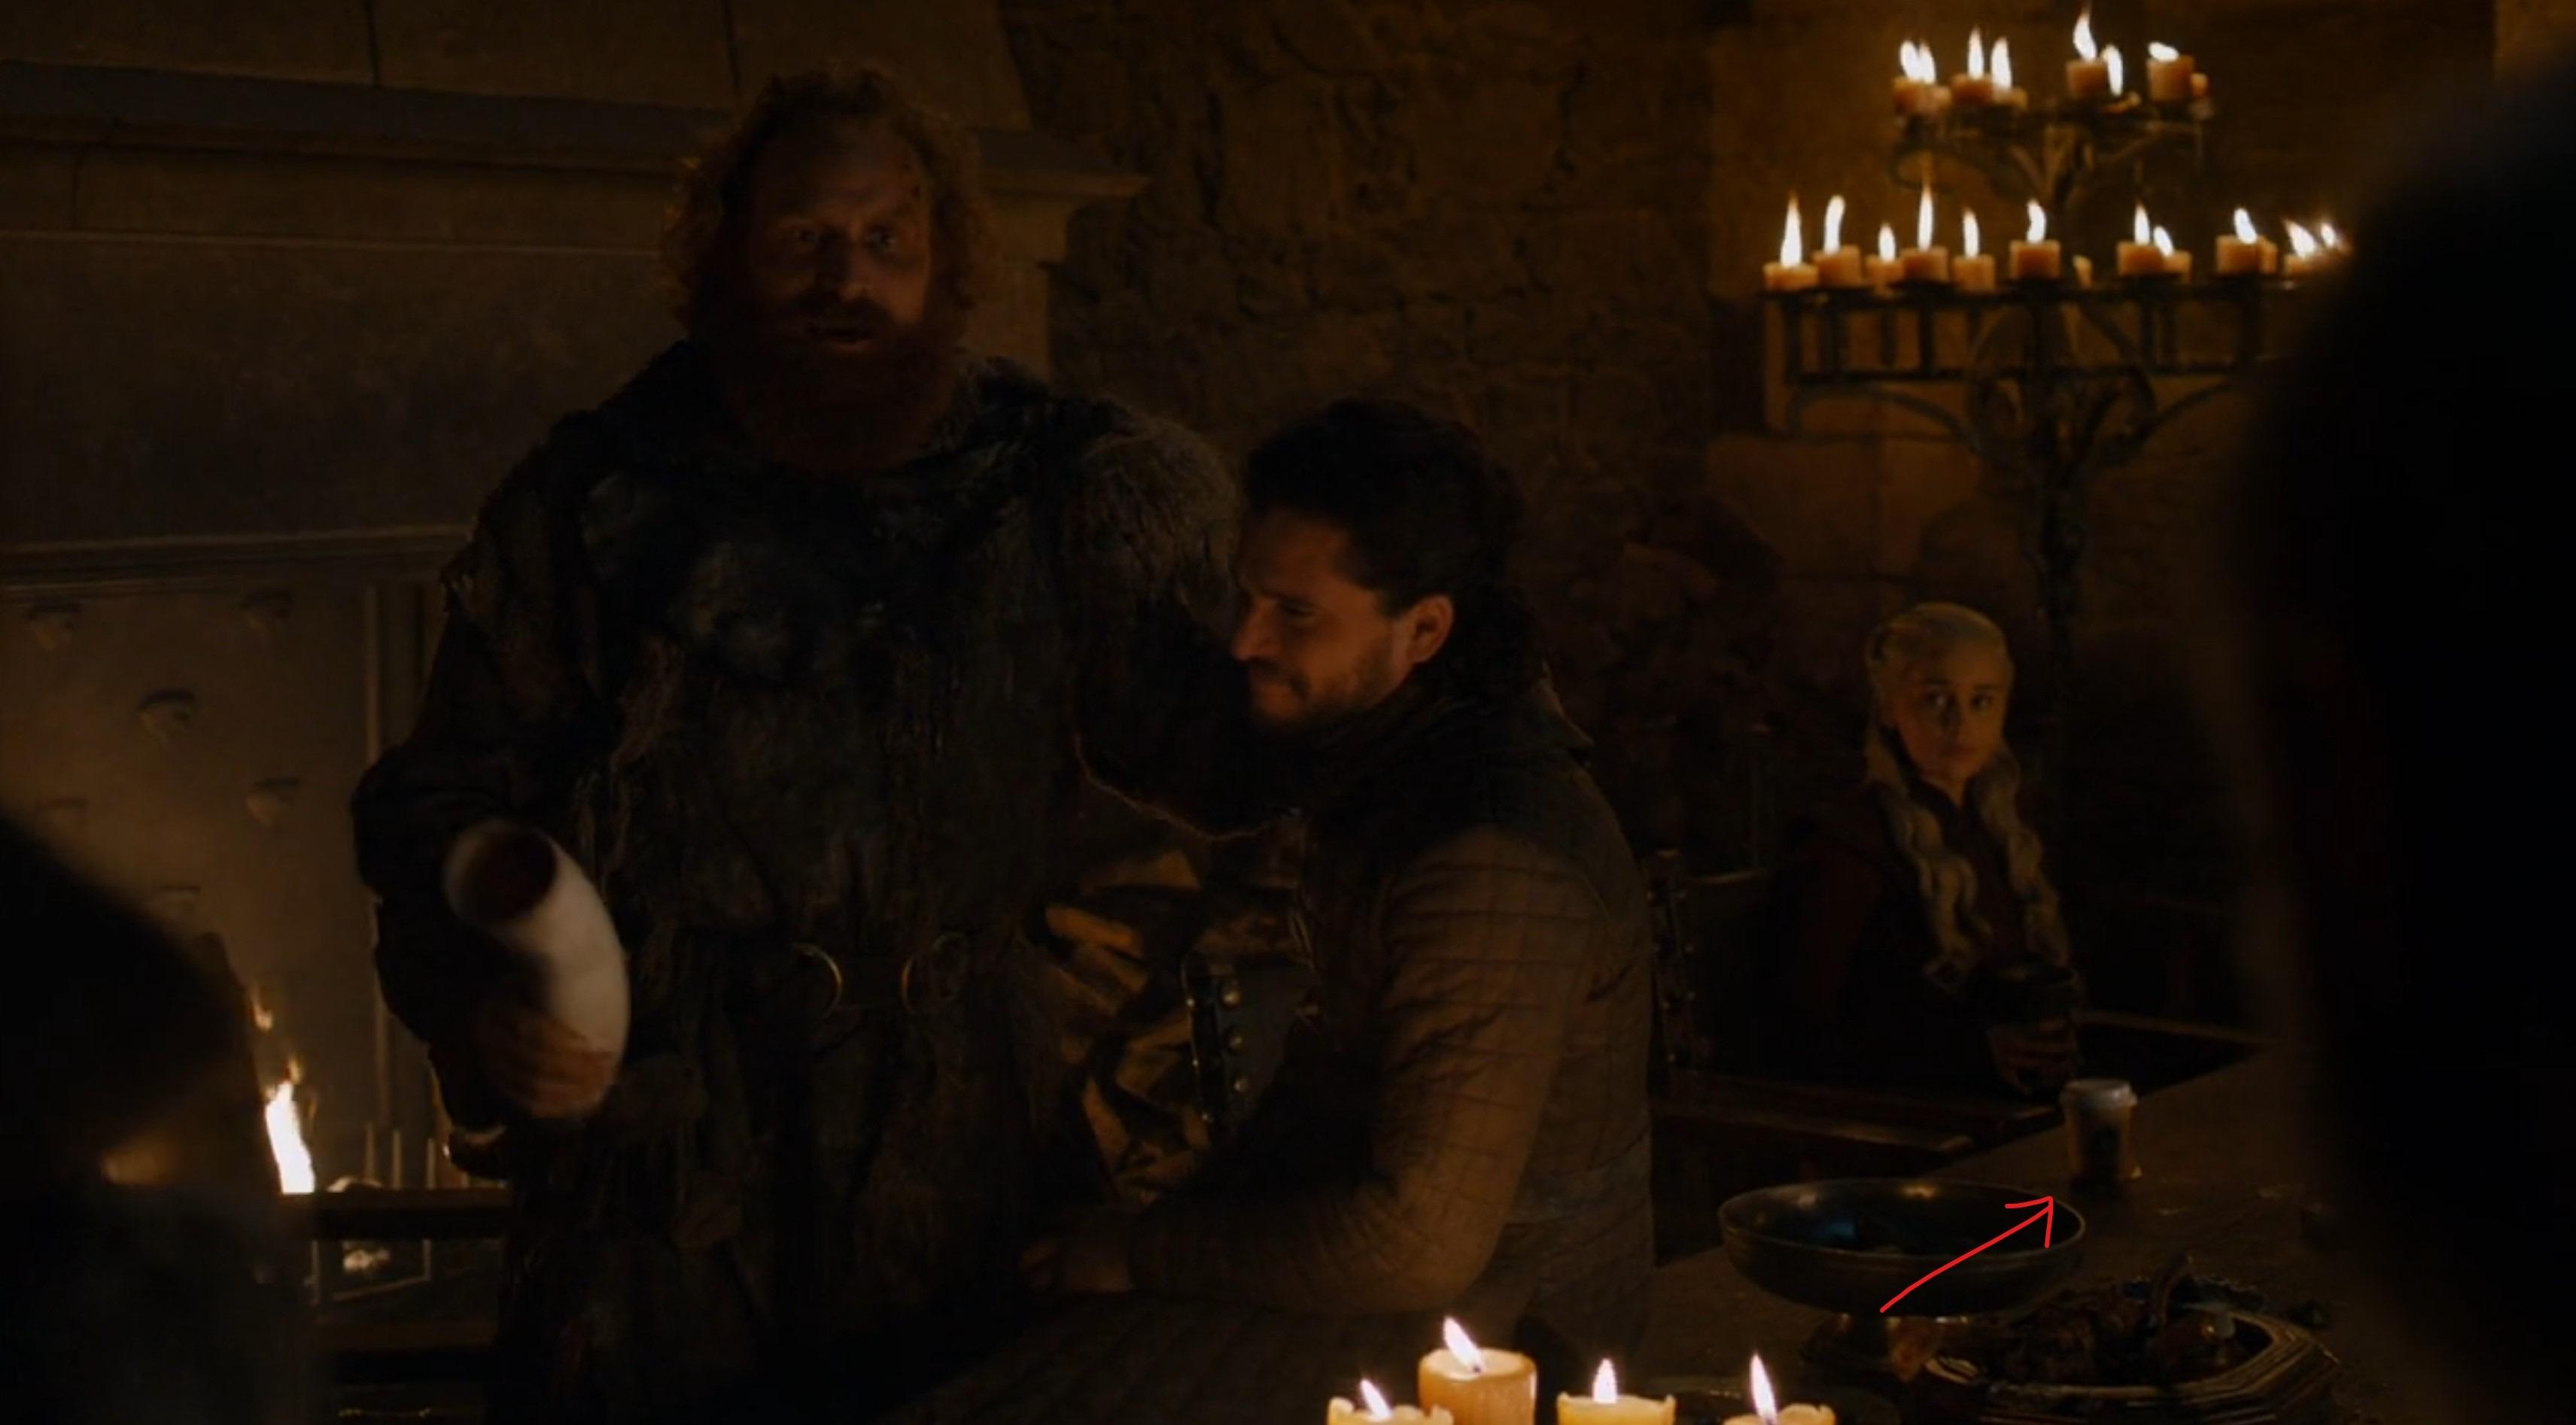 HBO在《权力的游戏》场景中抹掉了乱入的咖啡杯